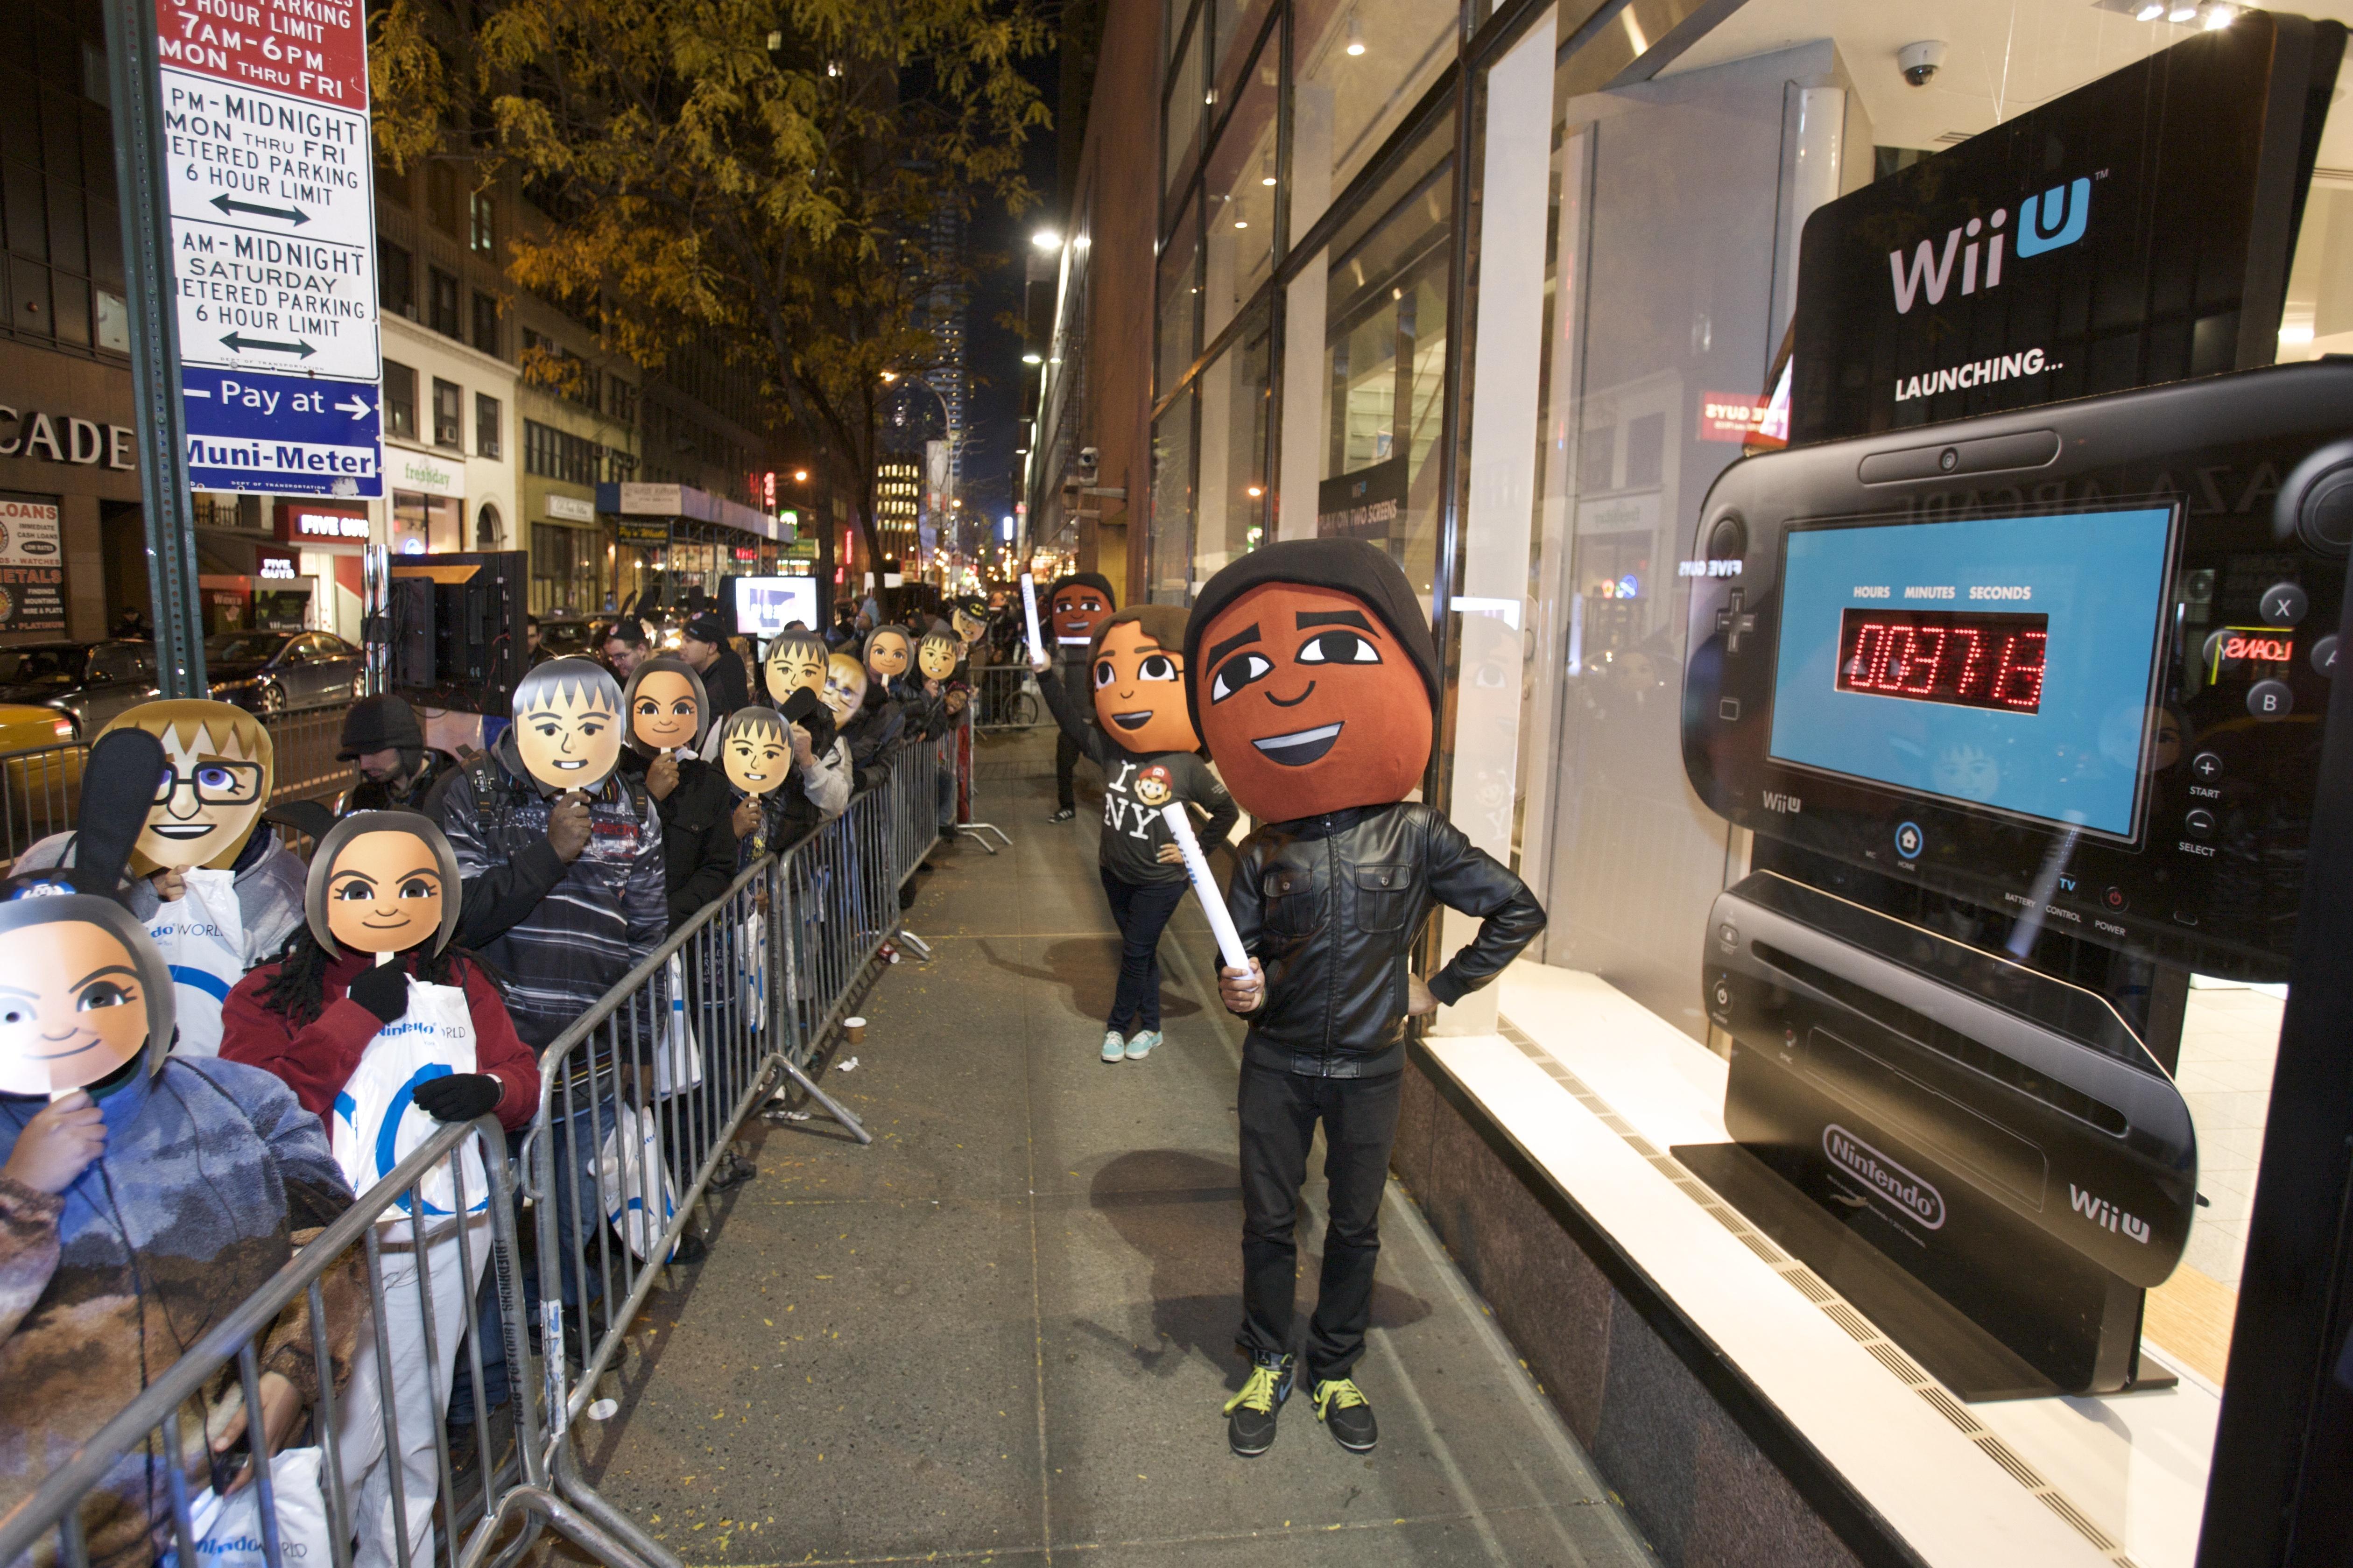 Los fanáticos hacen fila afuera de la tienda para ser los primeros en tener la esperada consola.